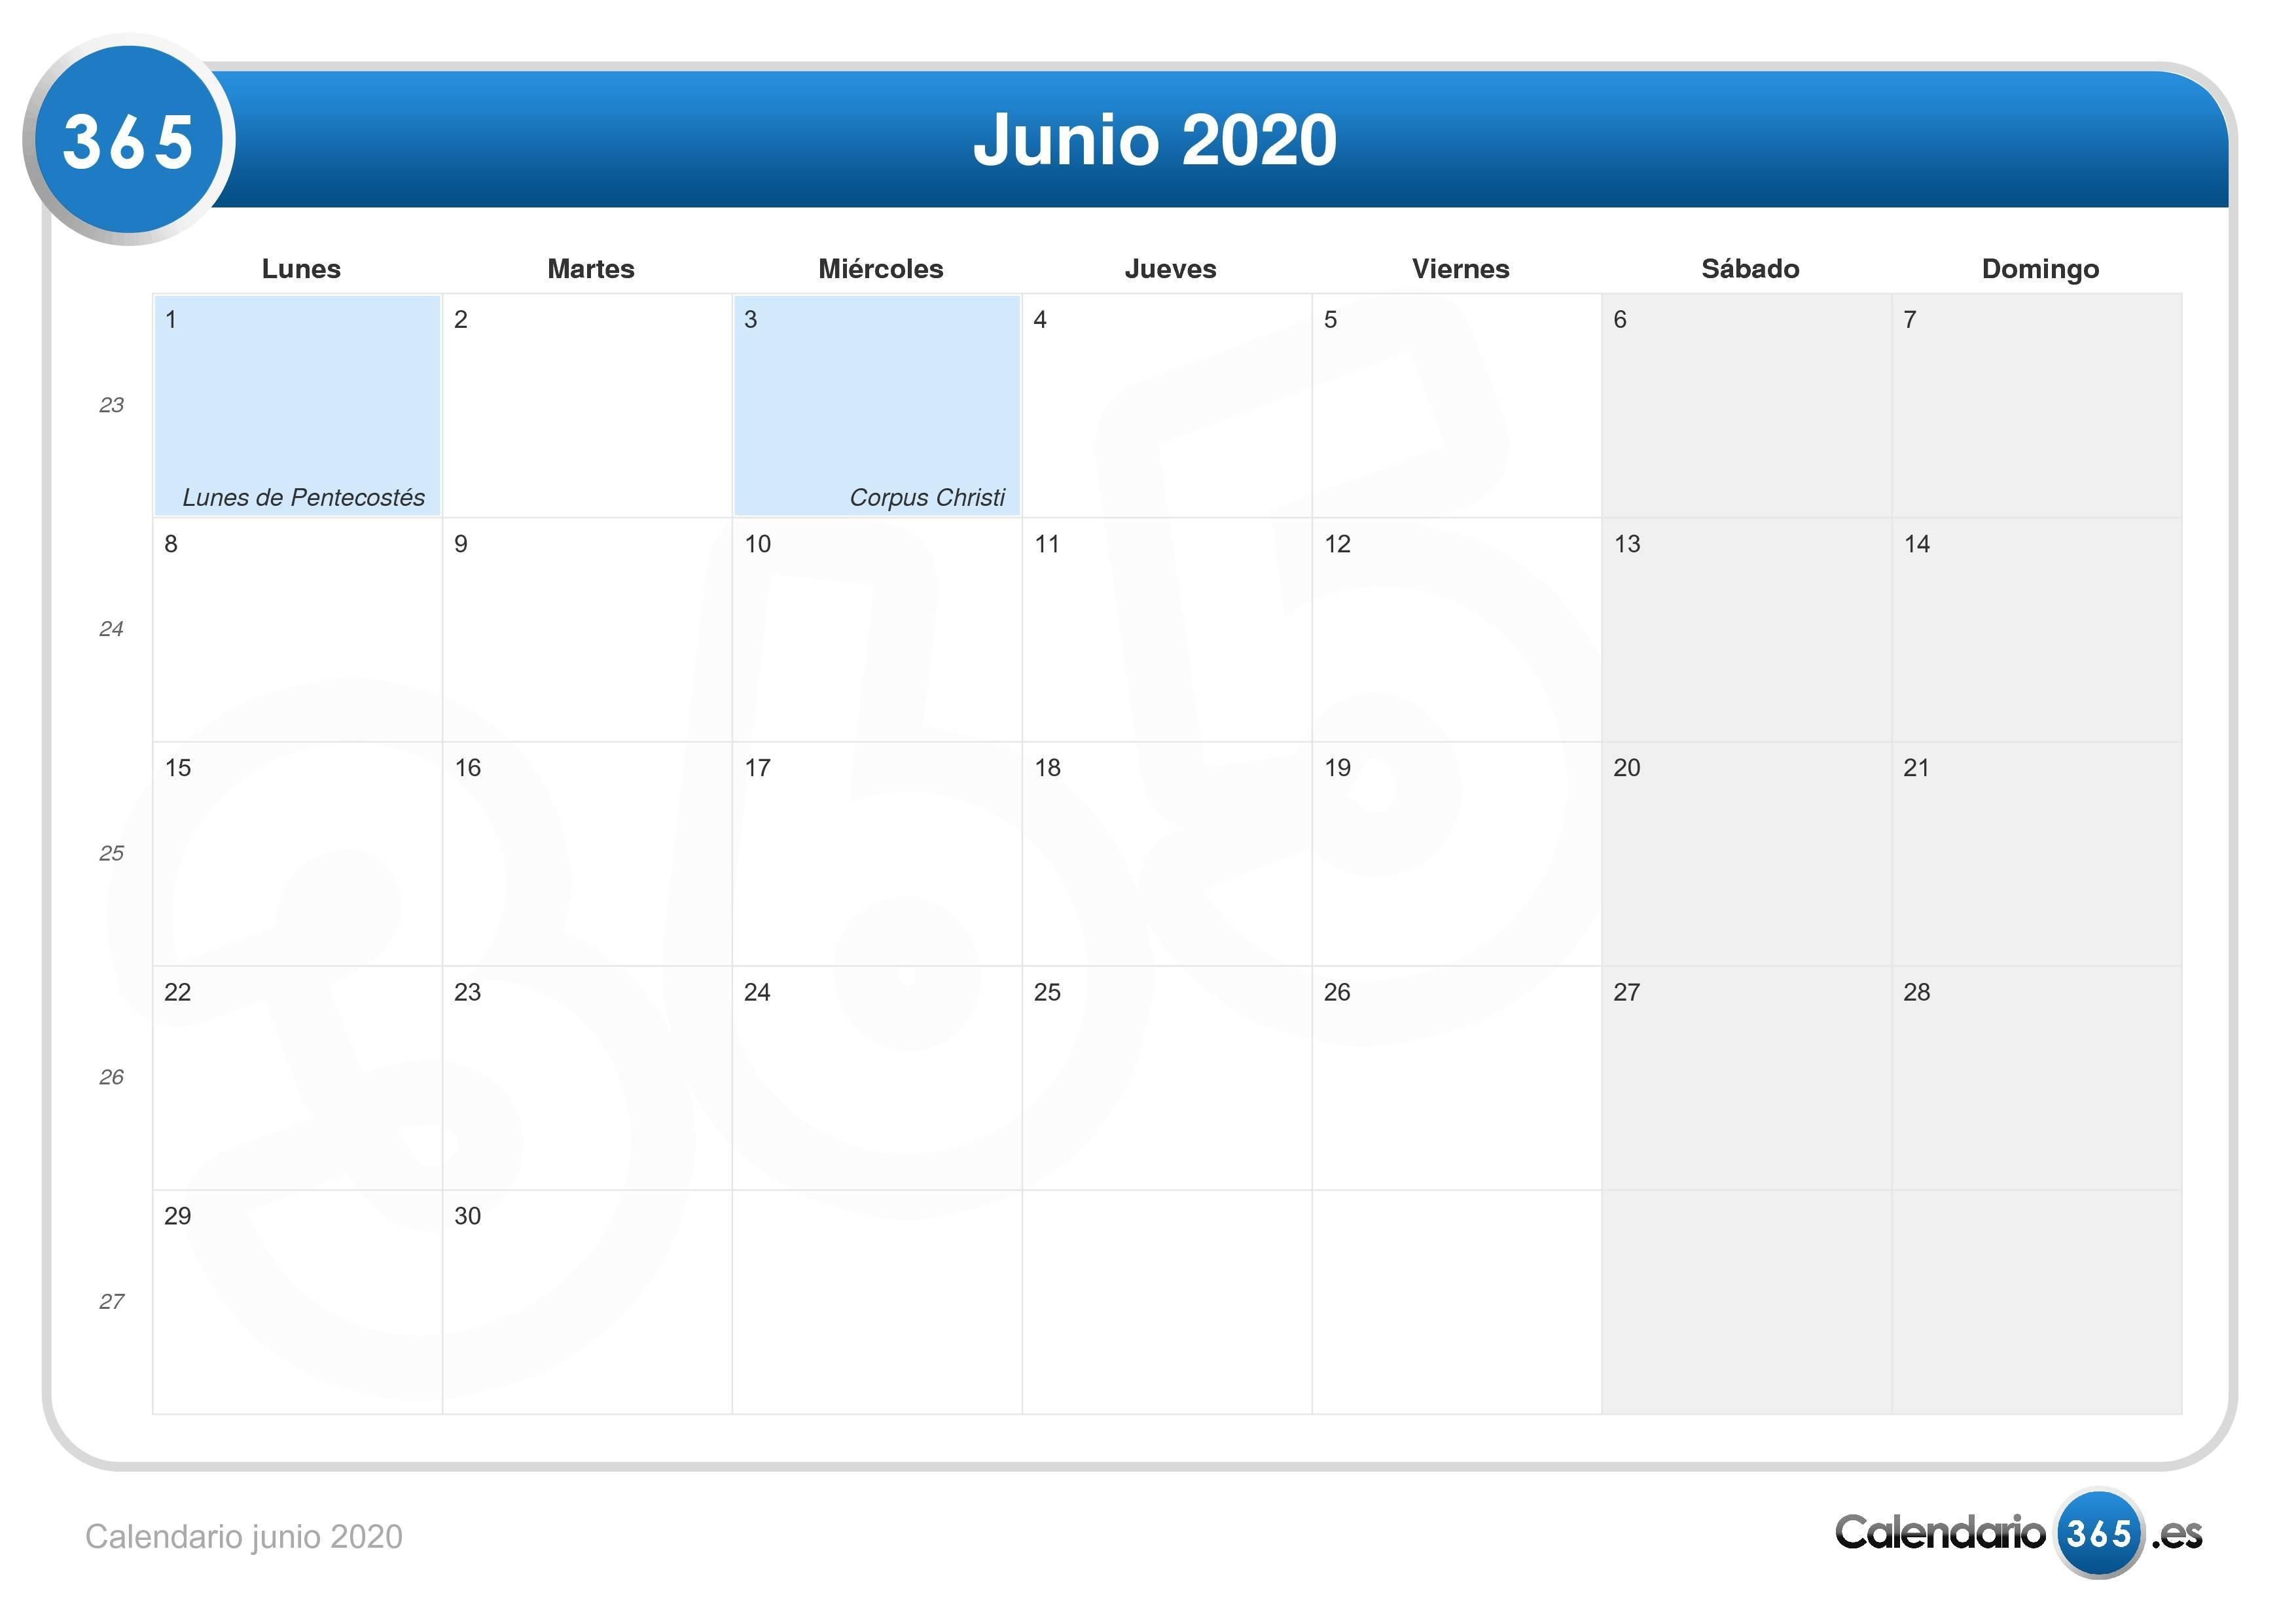 Calendario Lunar 2020 Espana.Calendario Junio 2020